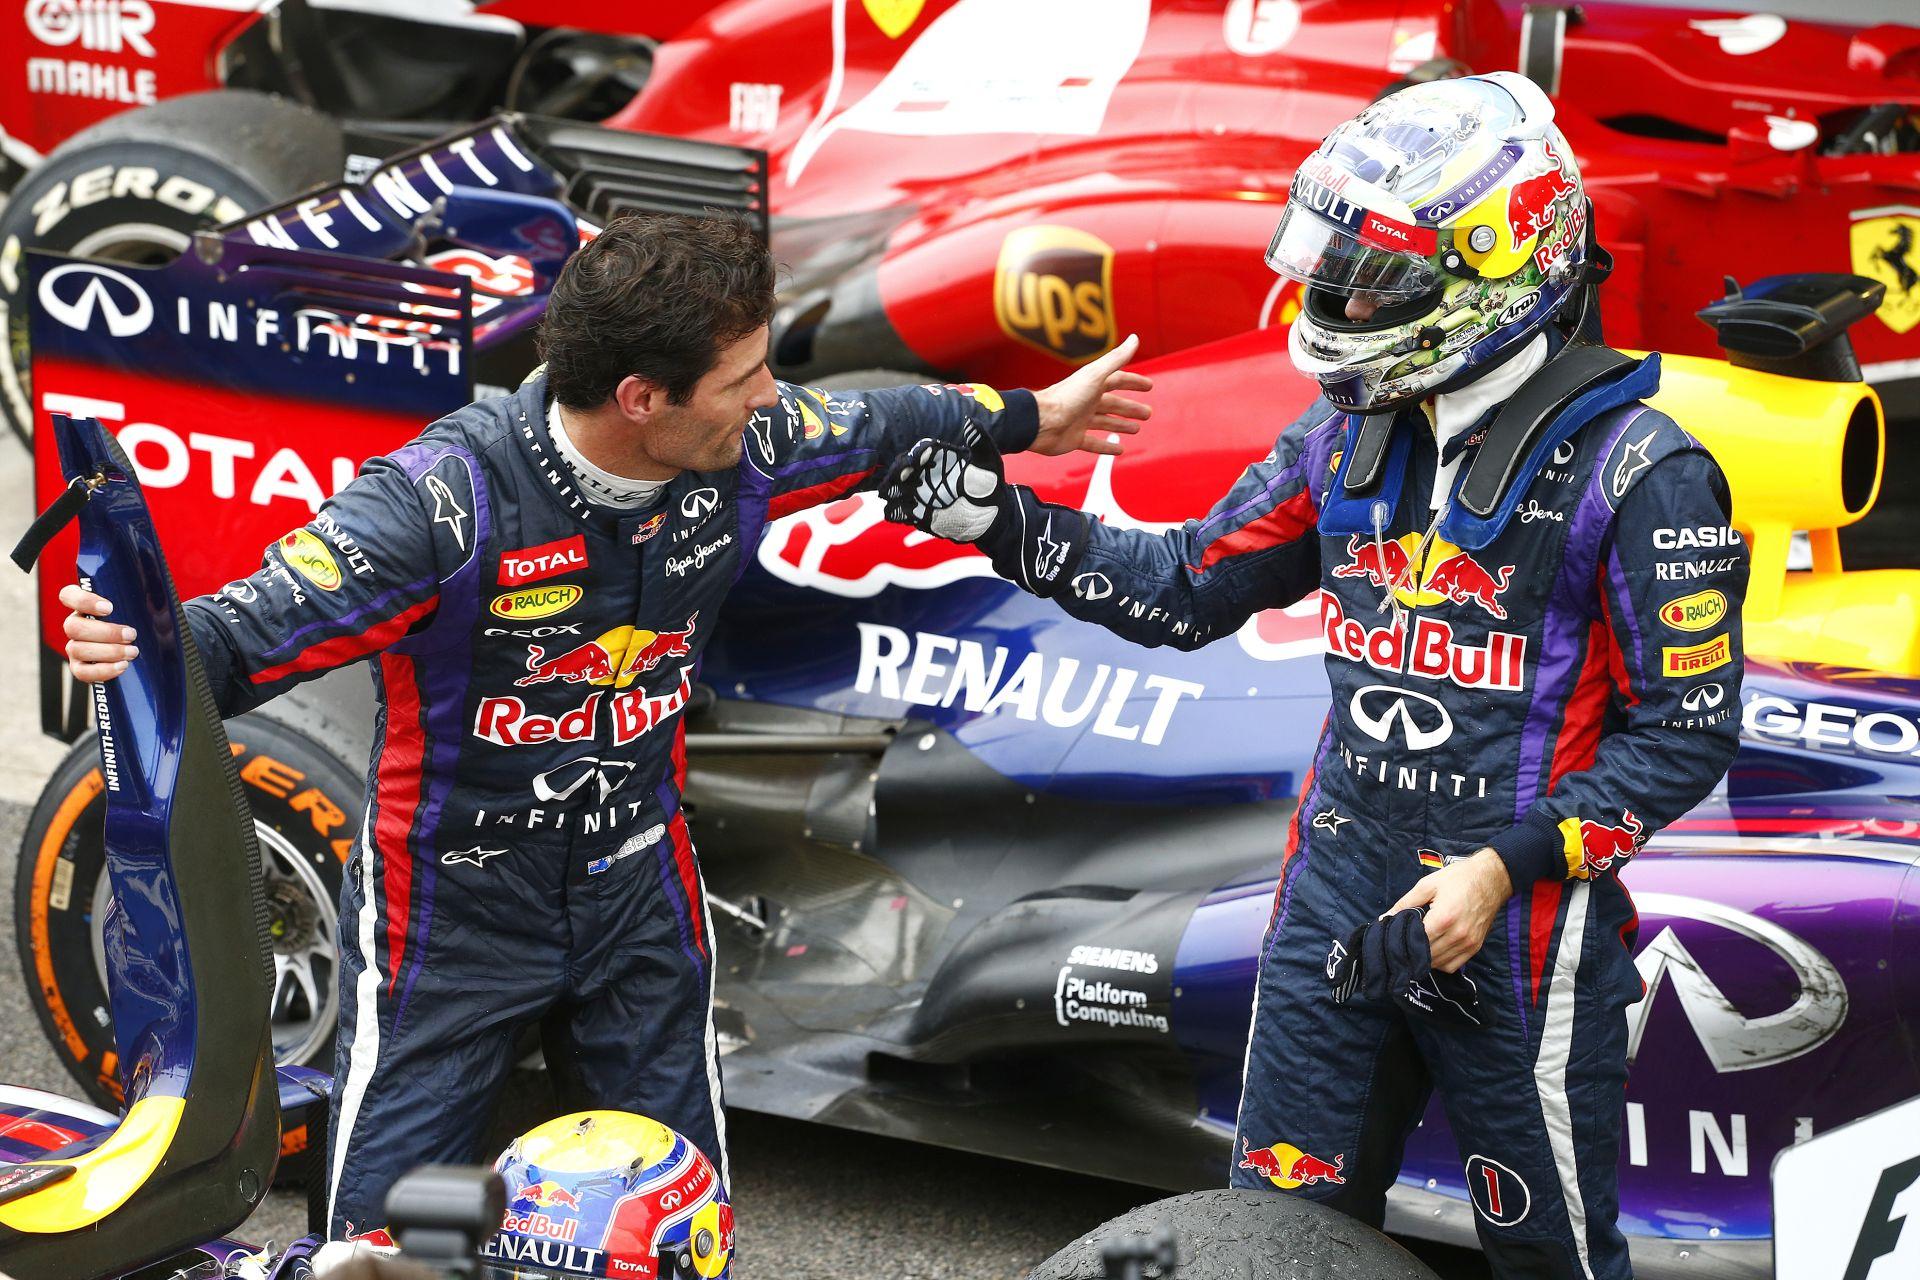 Webbert nem lepte meg Vettel távozása és szerinte a Ferrari lesz az utolsó csapata a Forma-1-ben